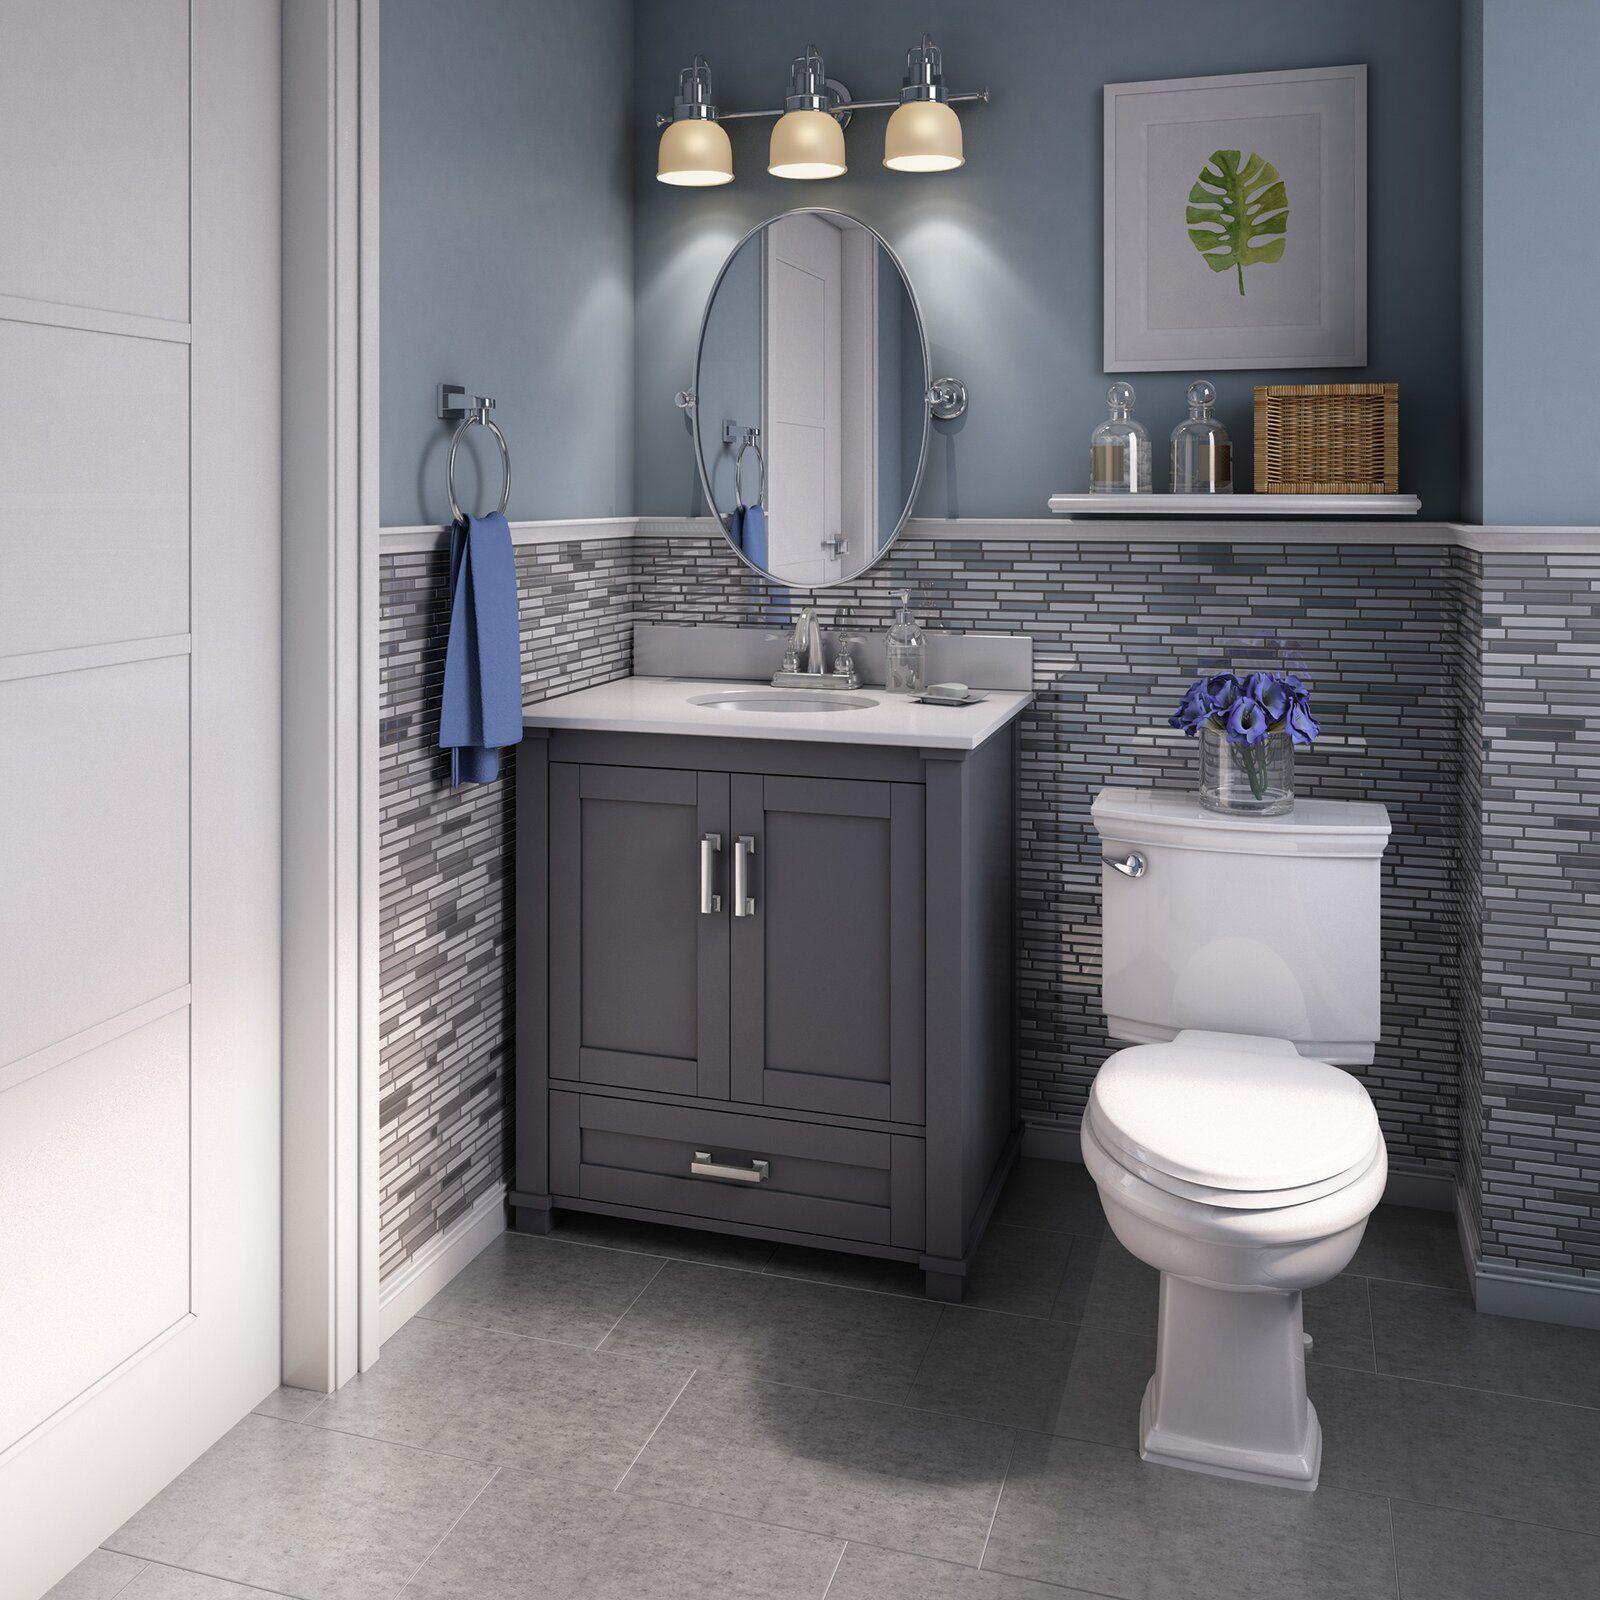 Freestanding Style 30 Single Sink Bathroom Vanity Base Only Reviews Allmodern Bathroom Vanities Without Tops Single Sink Bathroom Vanity Small Bathroom